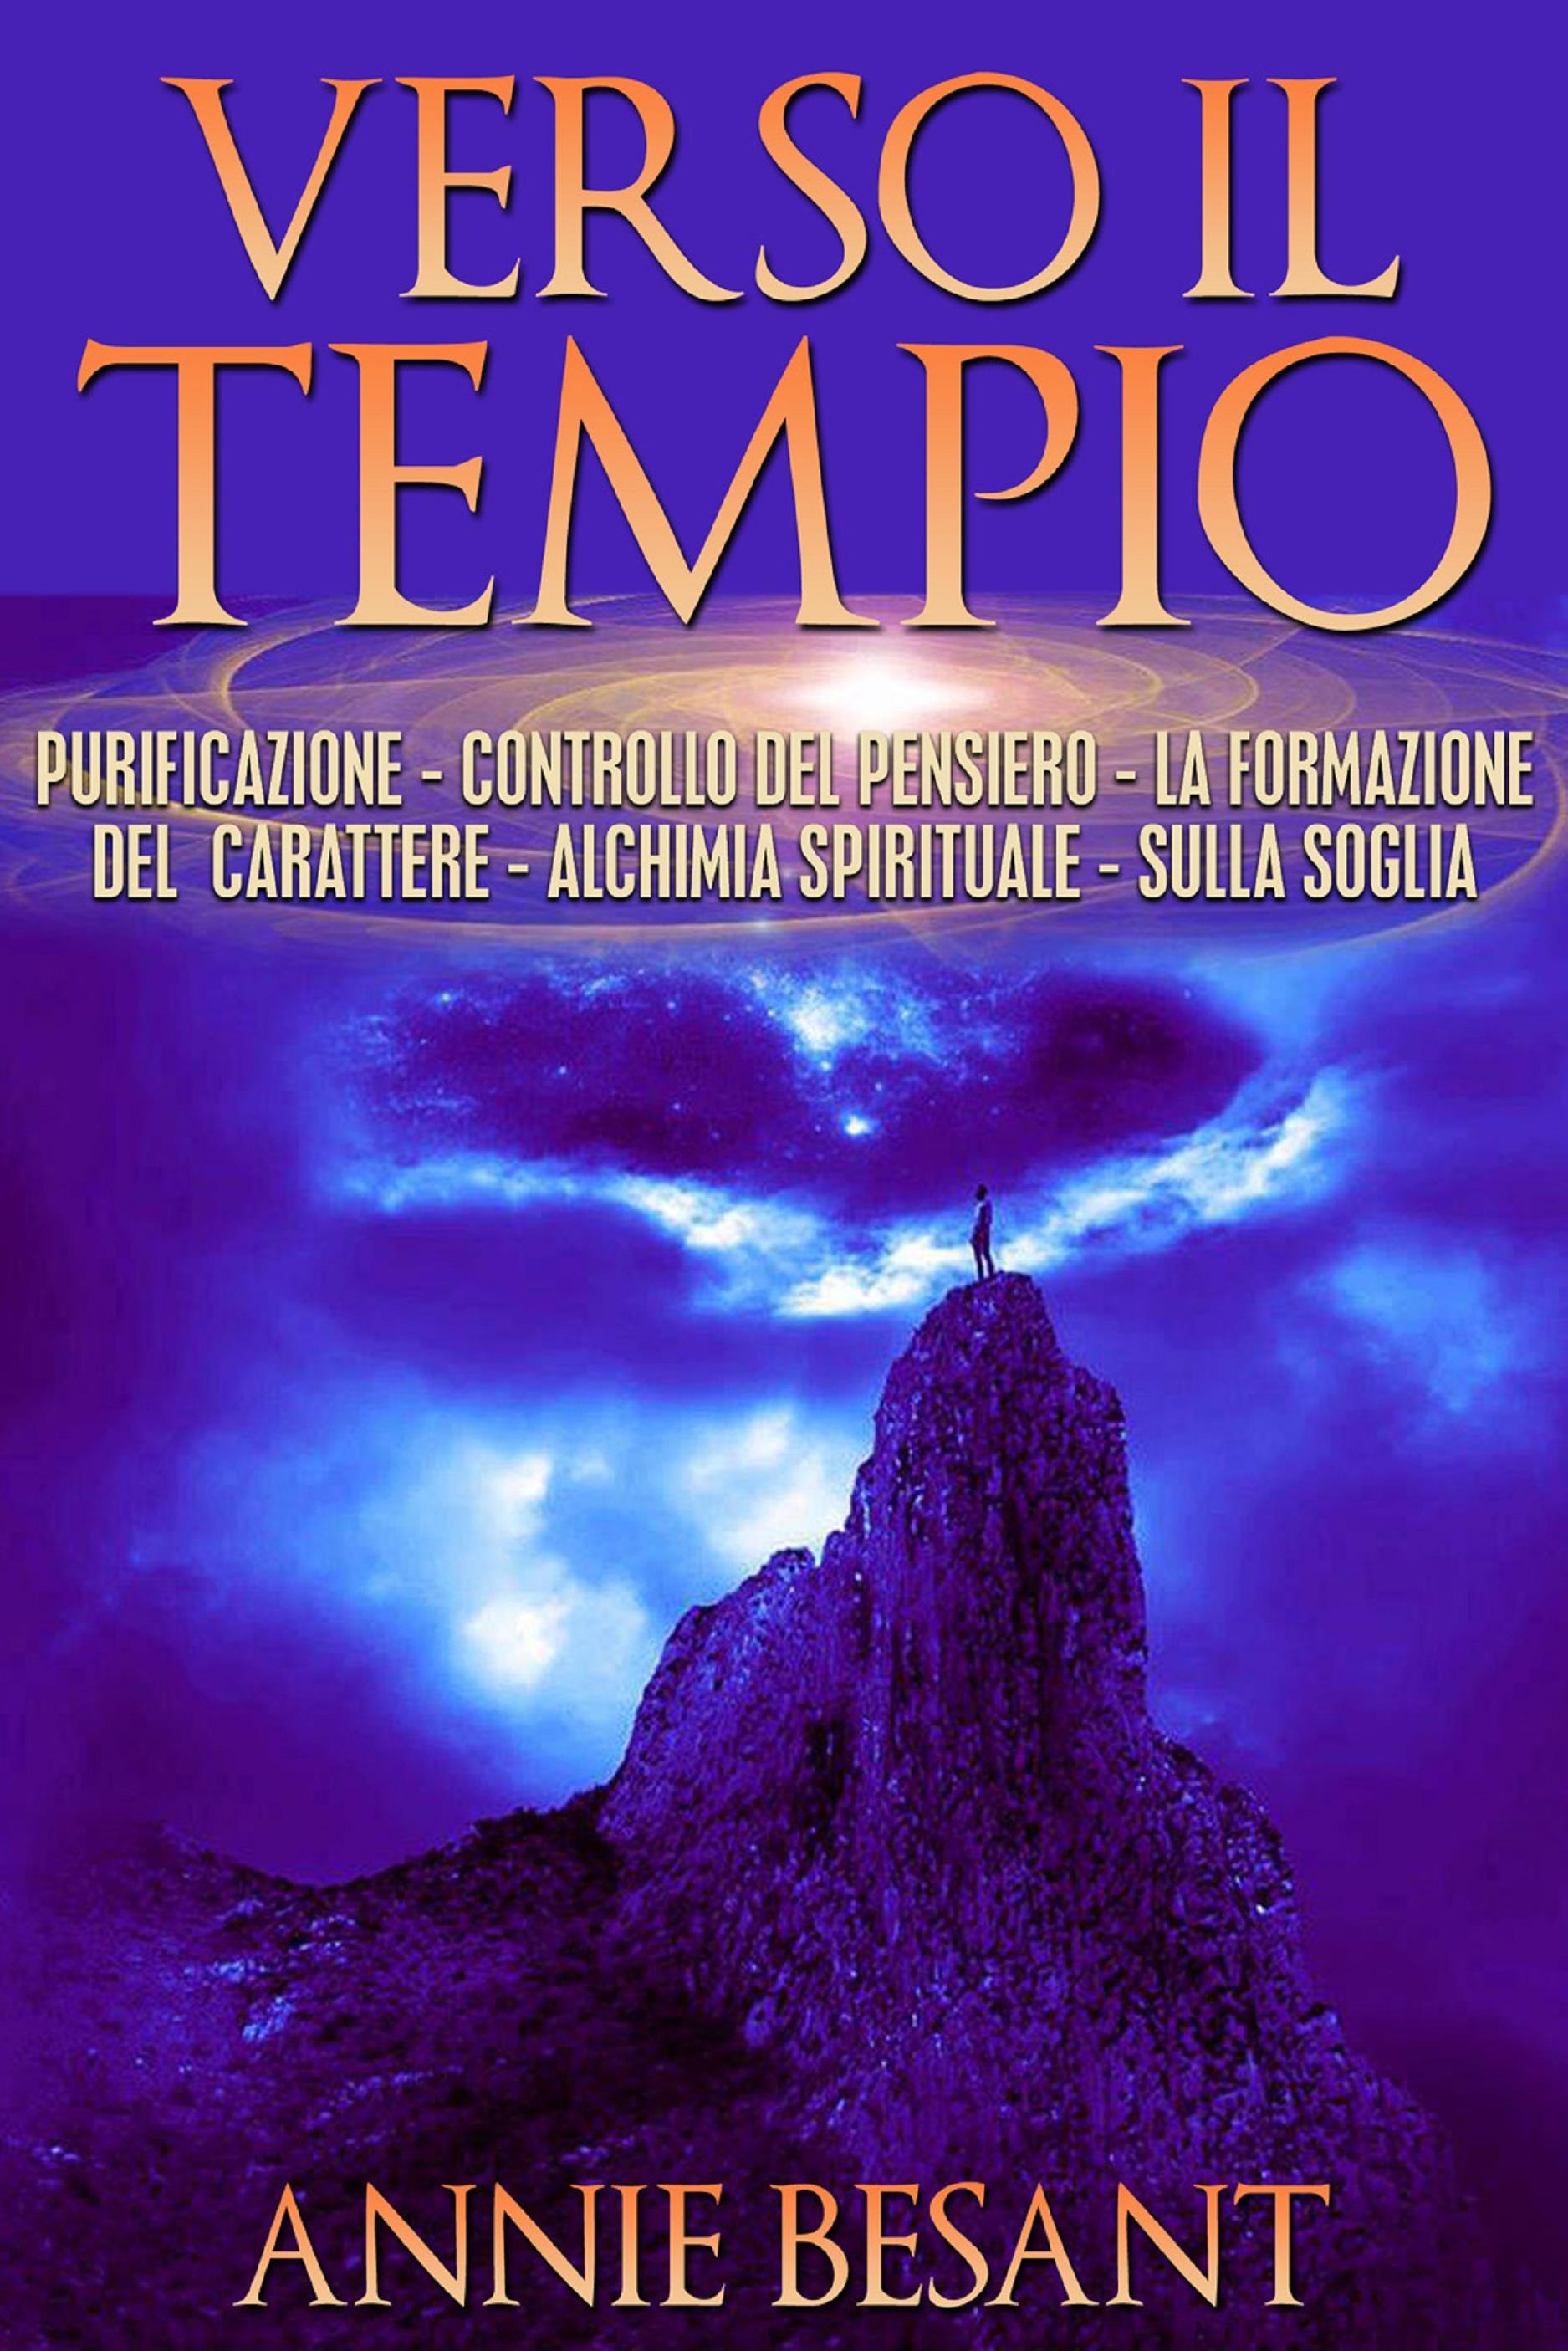 Verso il Tempio - purificazione - controllo del pensiero - la formazione del carattere - alchimia spirituale  - sulla soglia